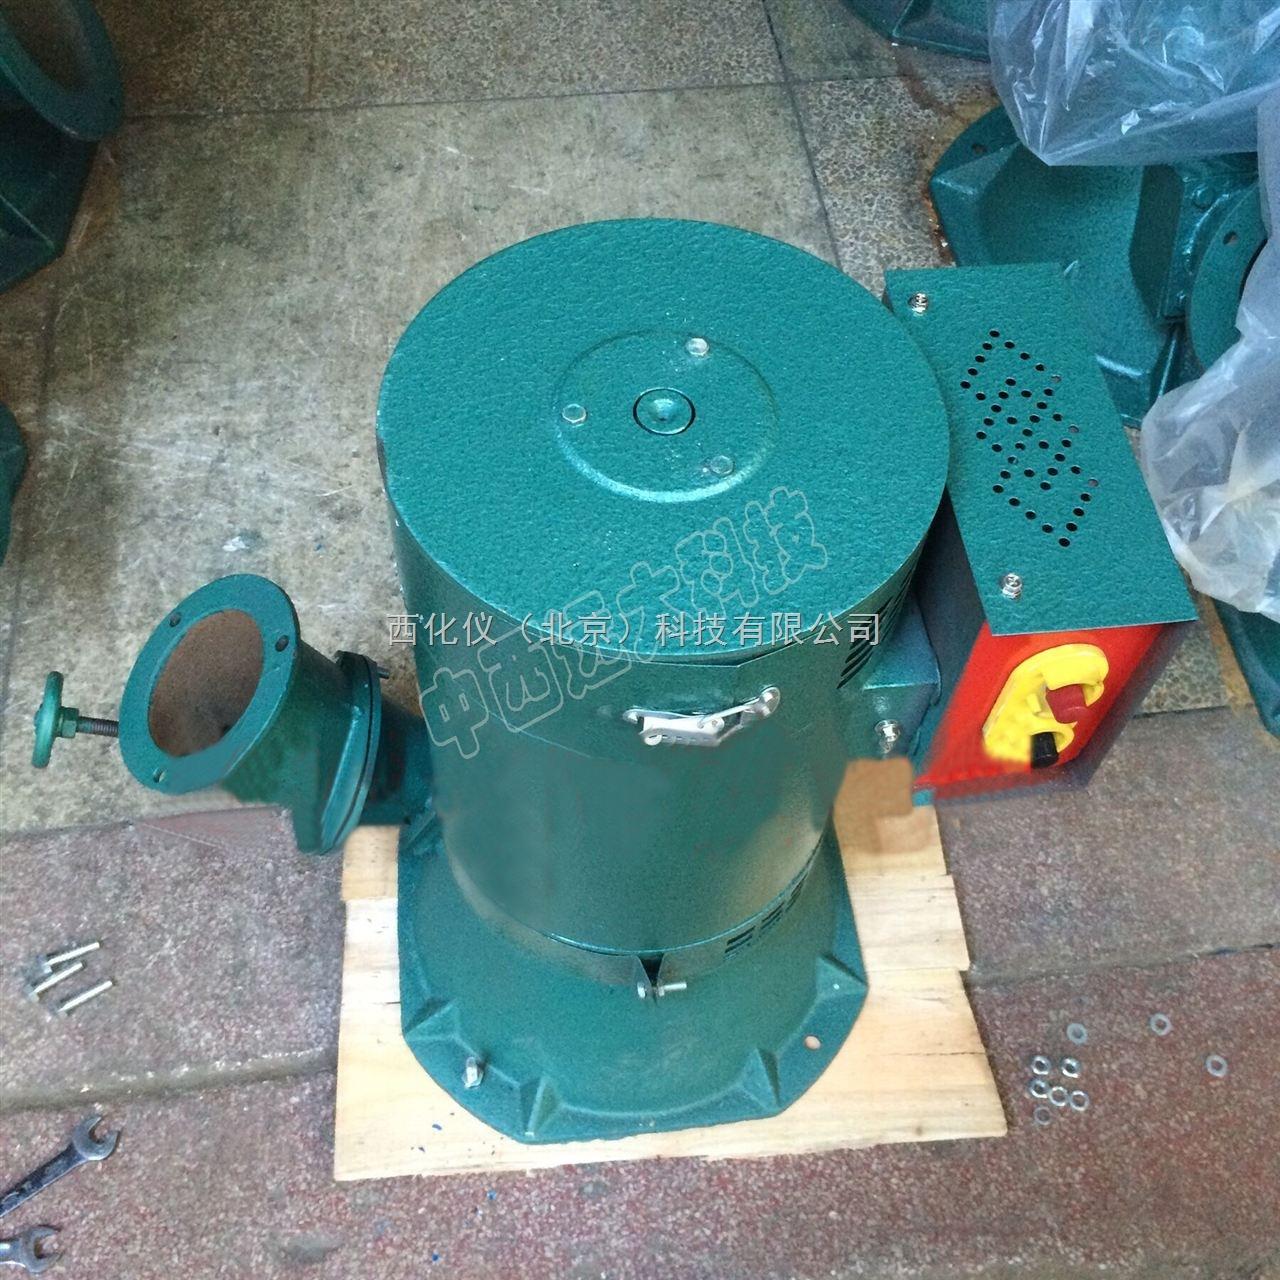 @5000w励磁单相三相水力发电机斜击式5kw水轮发电机组水力发电机 型号:M317147